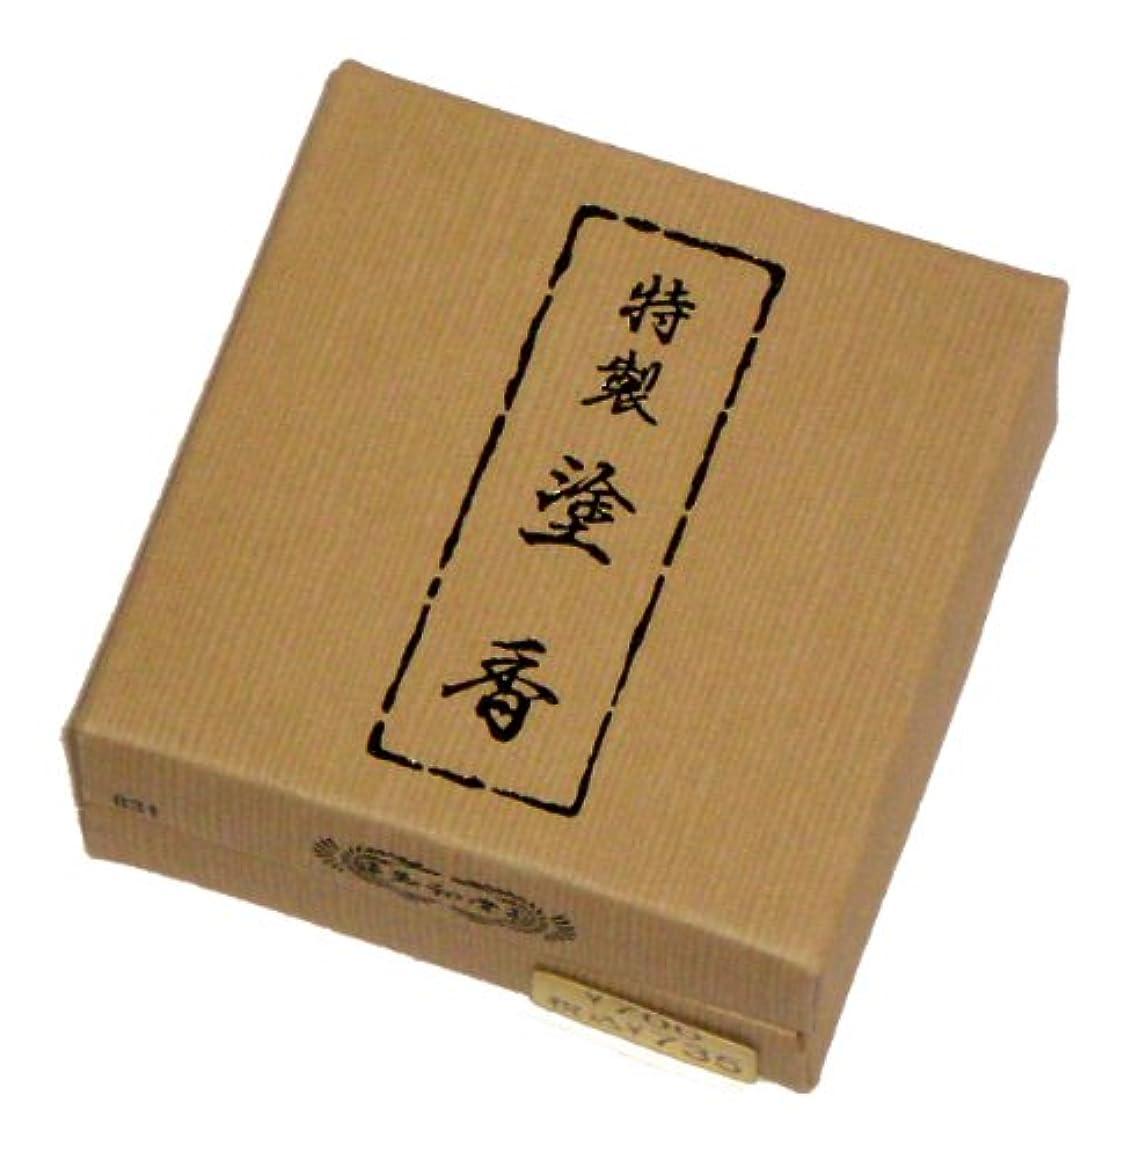 オーバーヘッド整理する和玉初堂のお香 特製塗香 15g 紙箱 #831